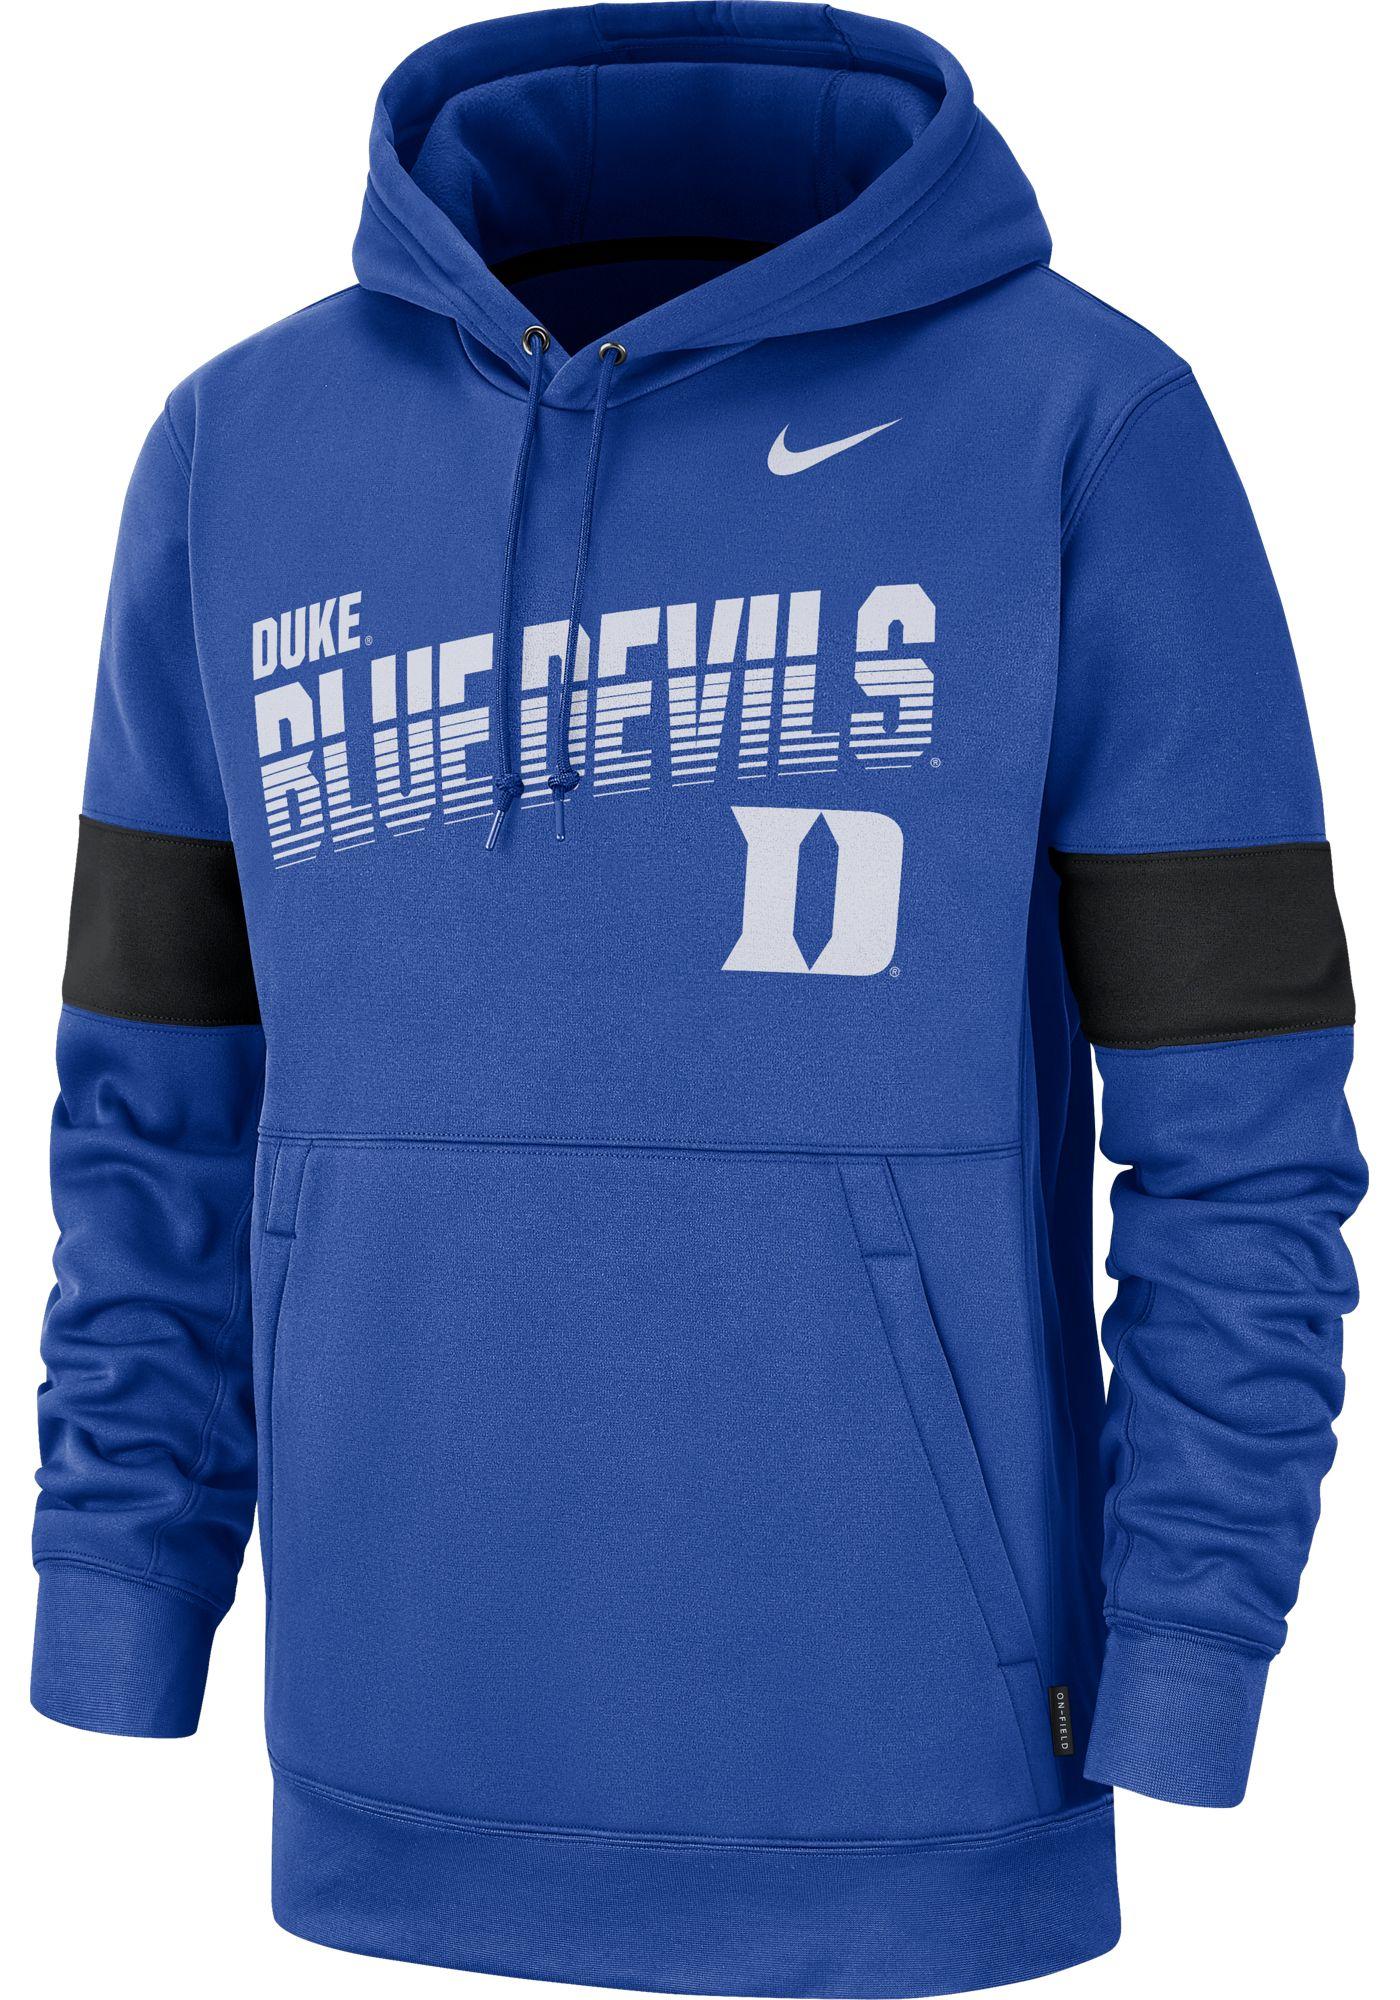 Nike Men's Duke Blue Devils Duke Blue Therma Football Sideline Pullover Hoodie